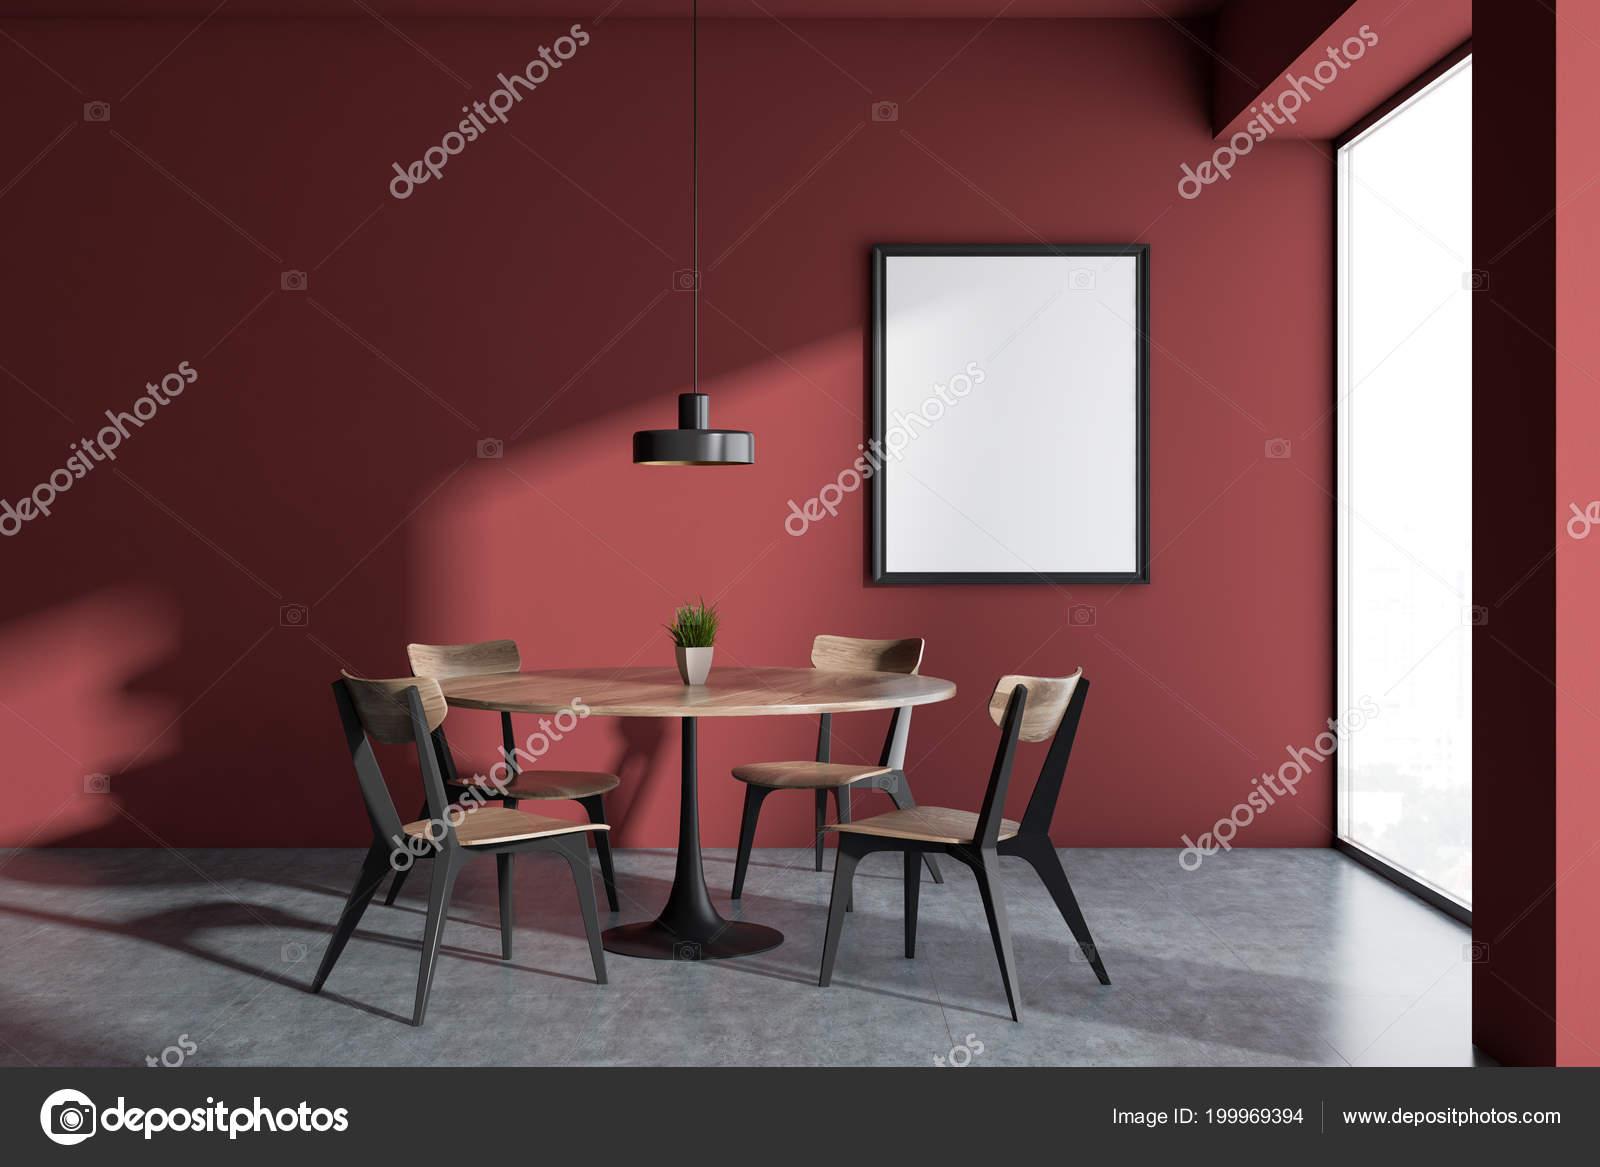 Rote Wand Minimalistischen Skandinavischen Stil Esszimmer Einrichtung Mit  Betonboden Ein U2014 Stockfoto